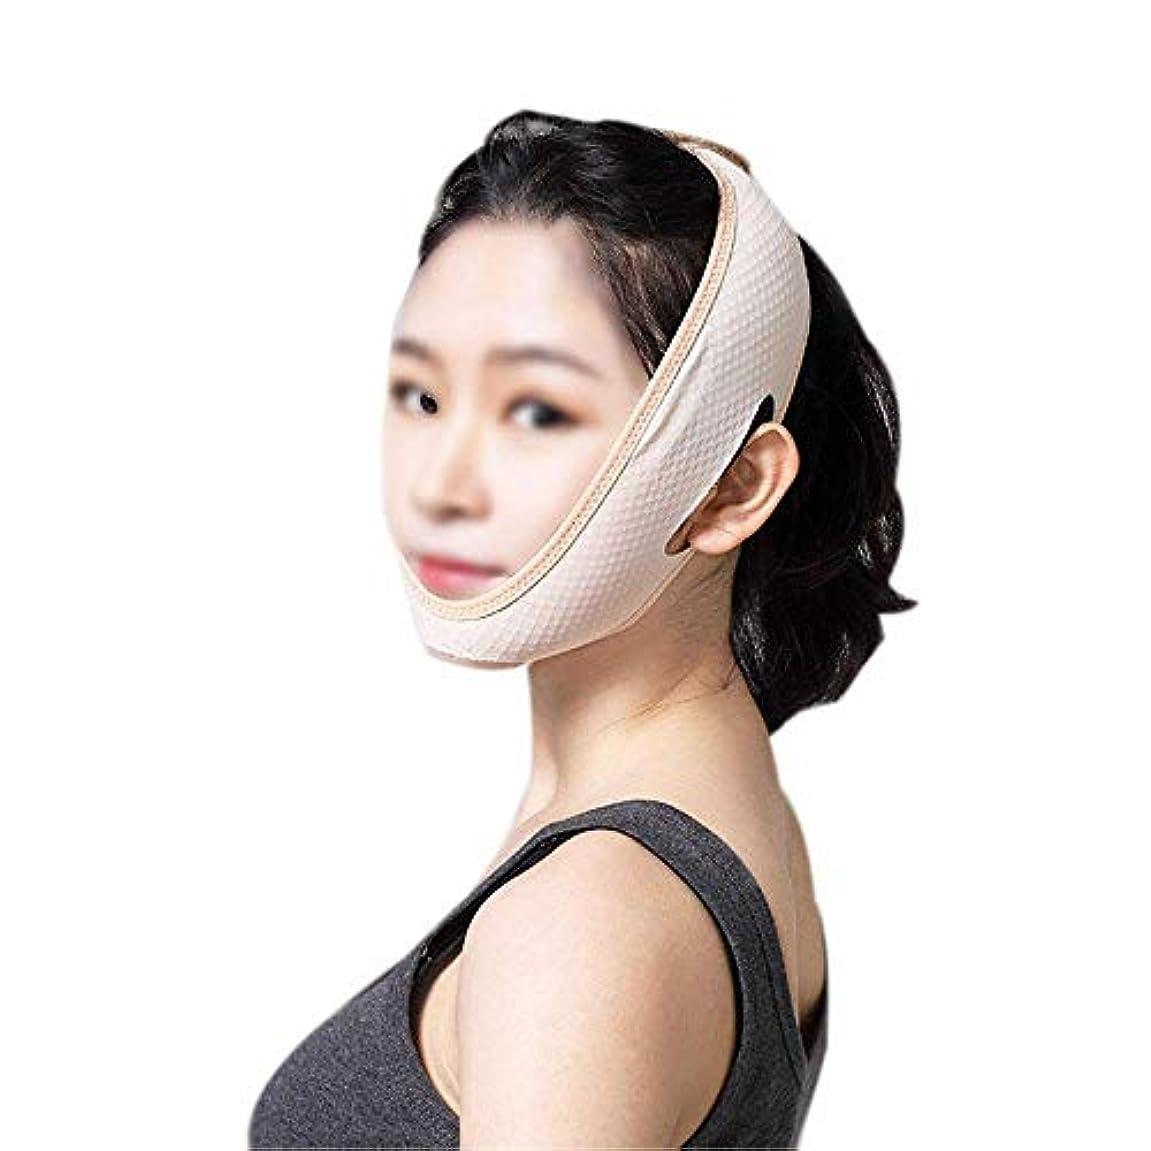 耐える郵便屋さん急速なフェイスリフティングバンデージ、肌の引き締めを強化する薄いフェイスマスクの睡眠、ダブルチンマスクの削減